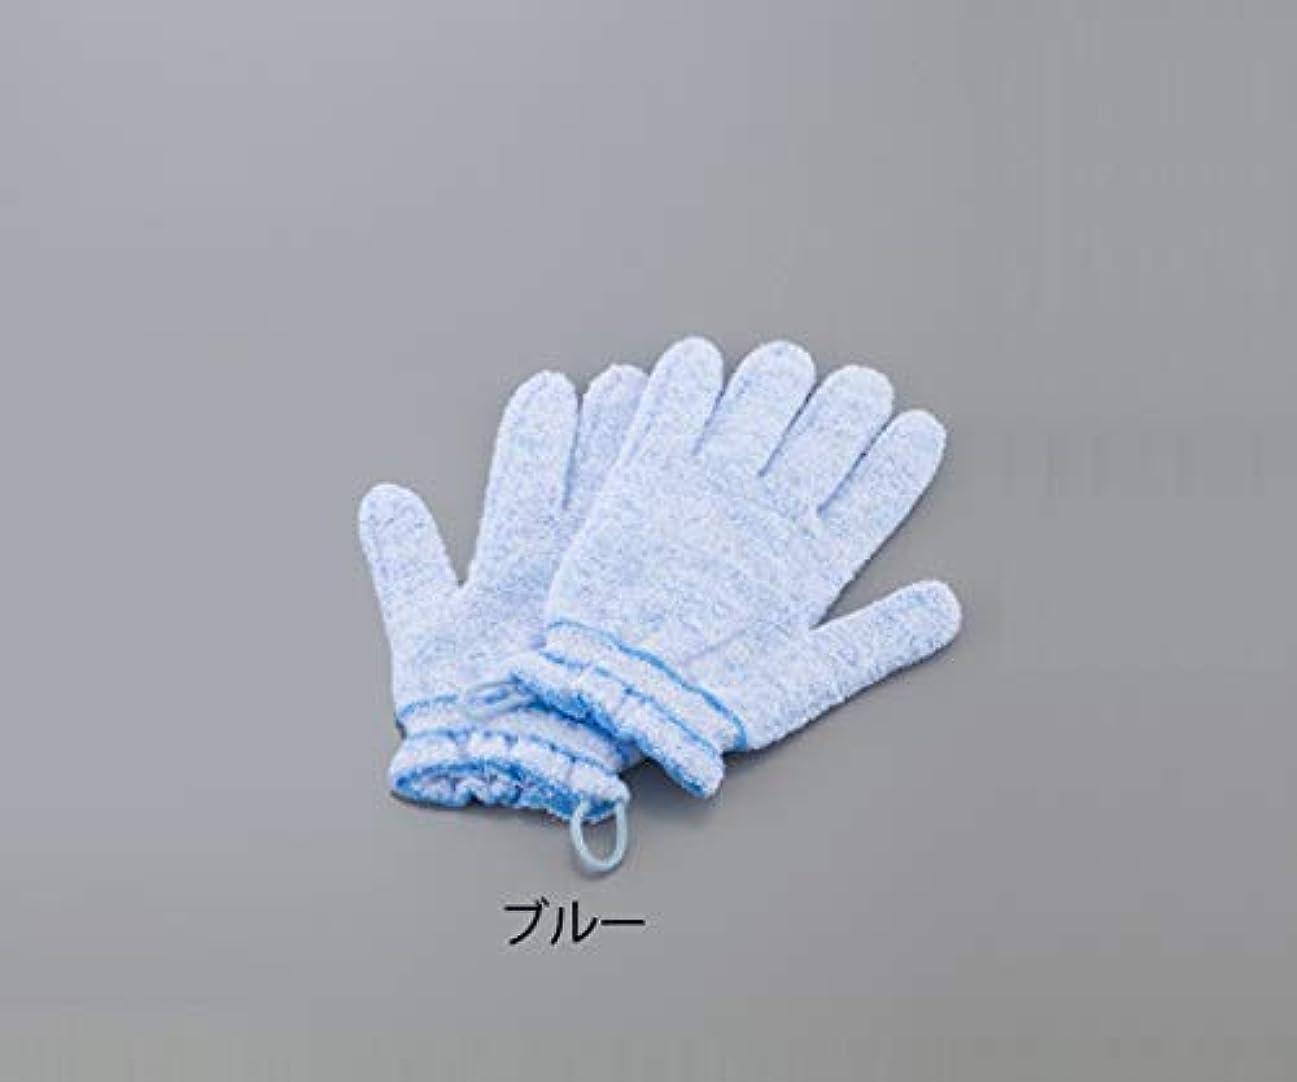 遅らせる沼地賭け0-4015-02浴用手袋(やさしい手)ブルー